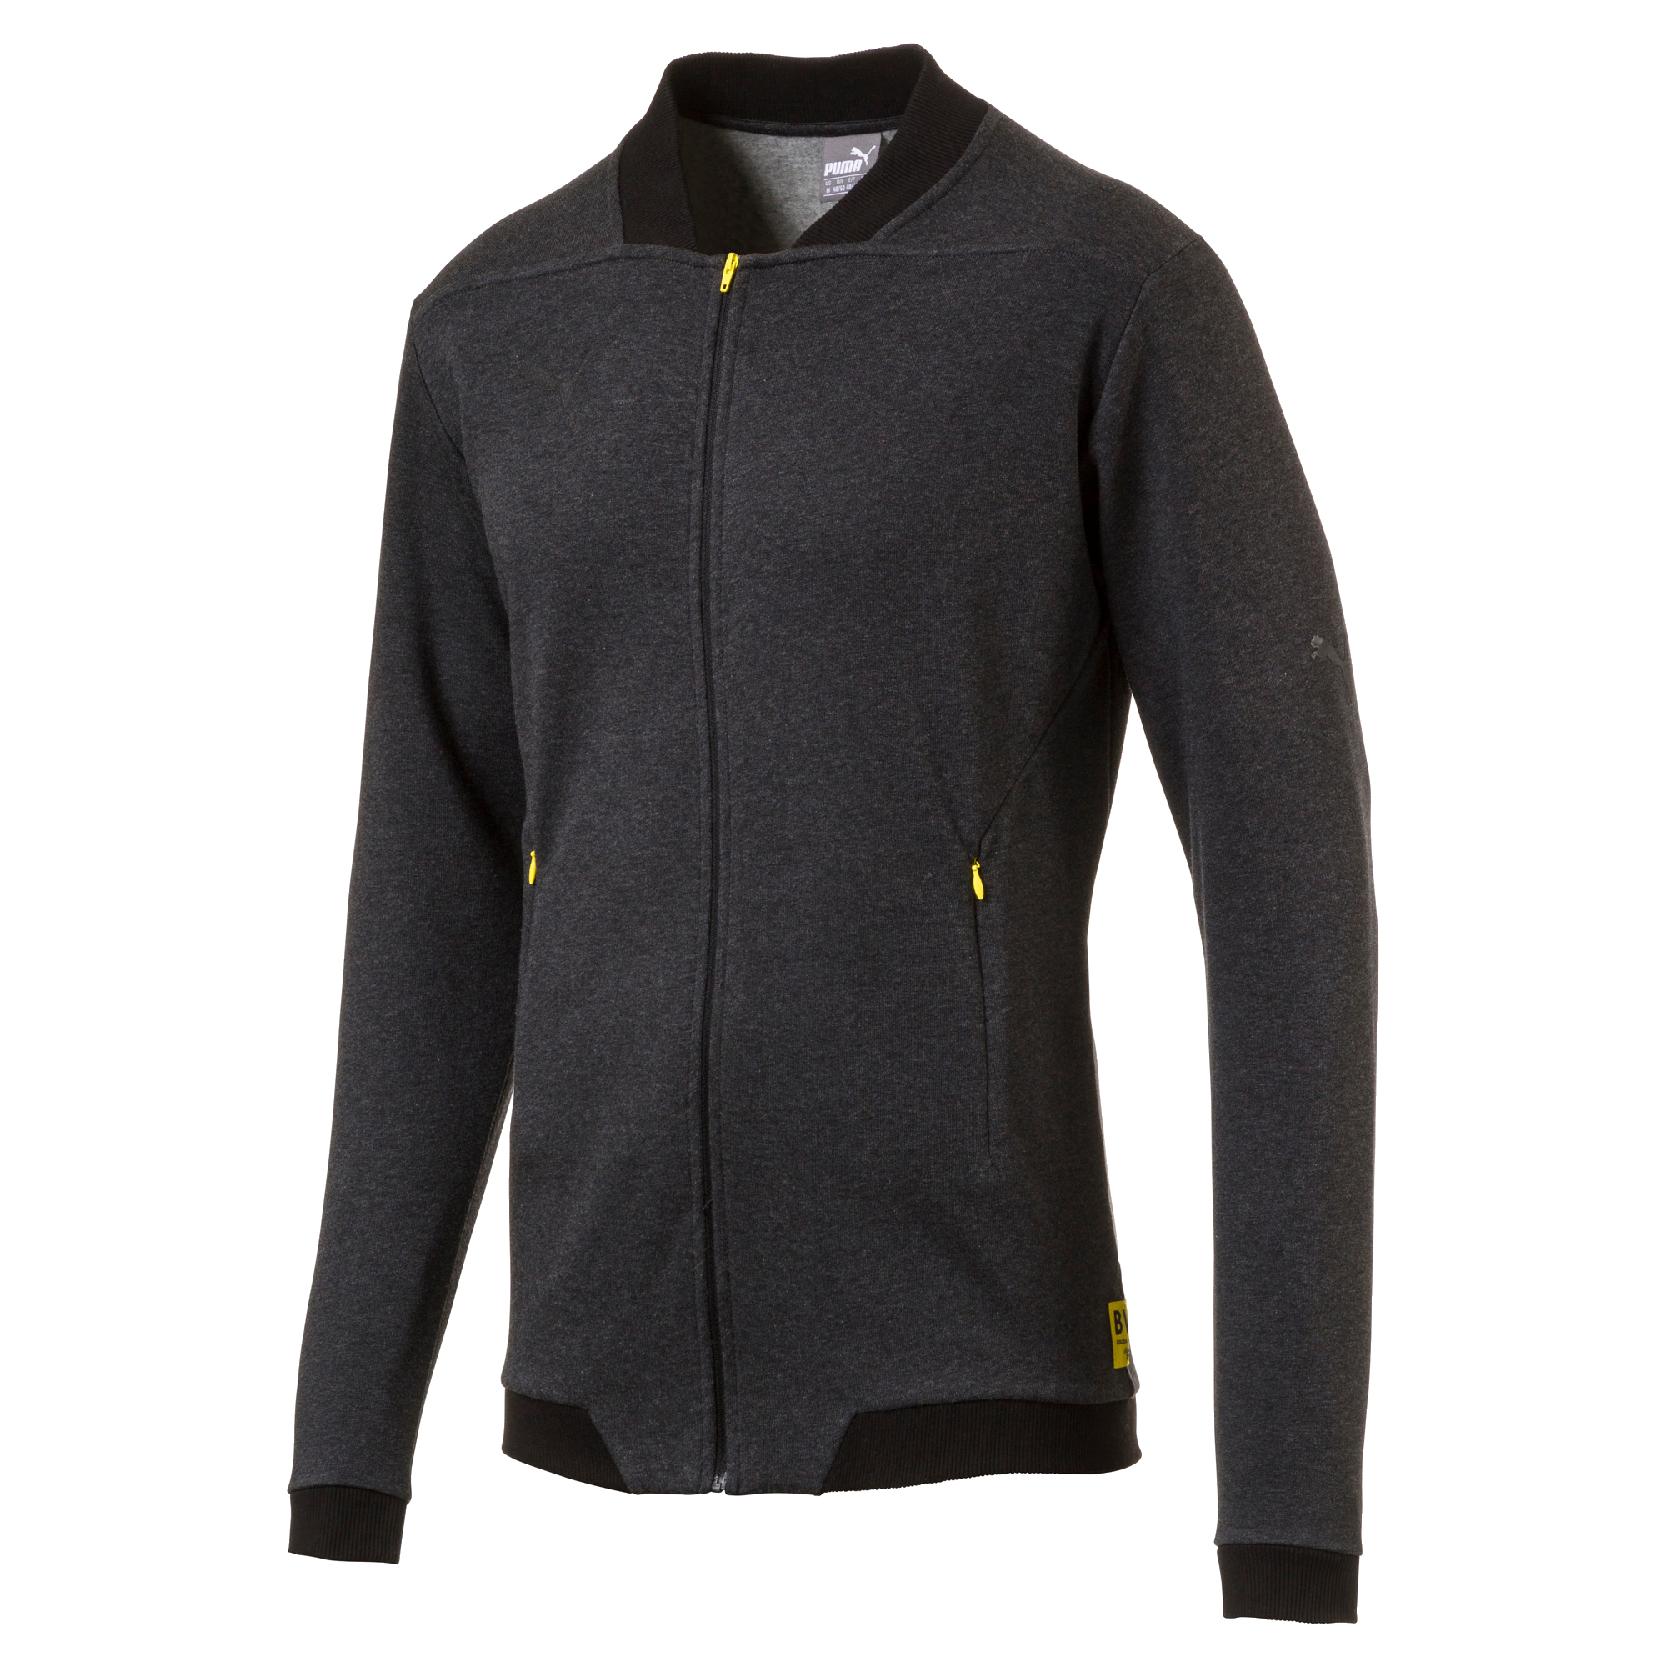 BVB Borussia Dortmund Premium Jacke von Puma in schwarz Gr. S - XXL